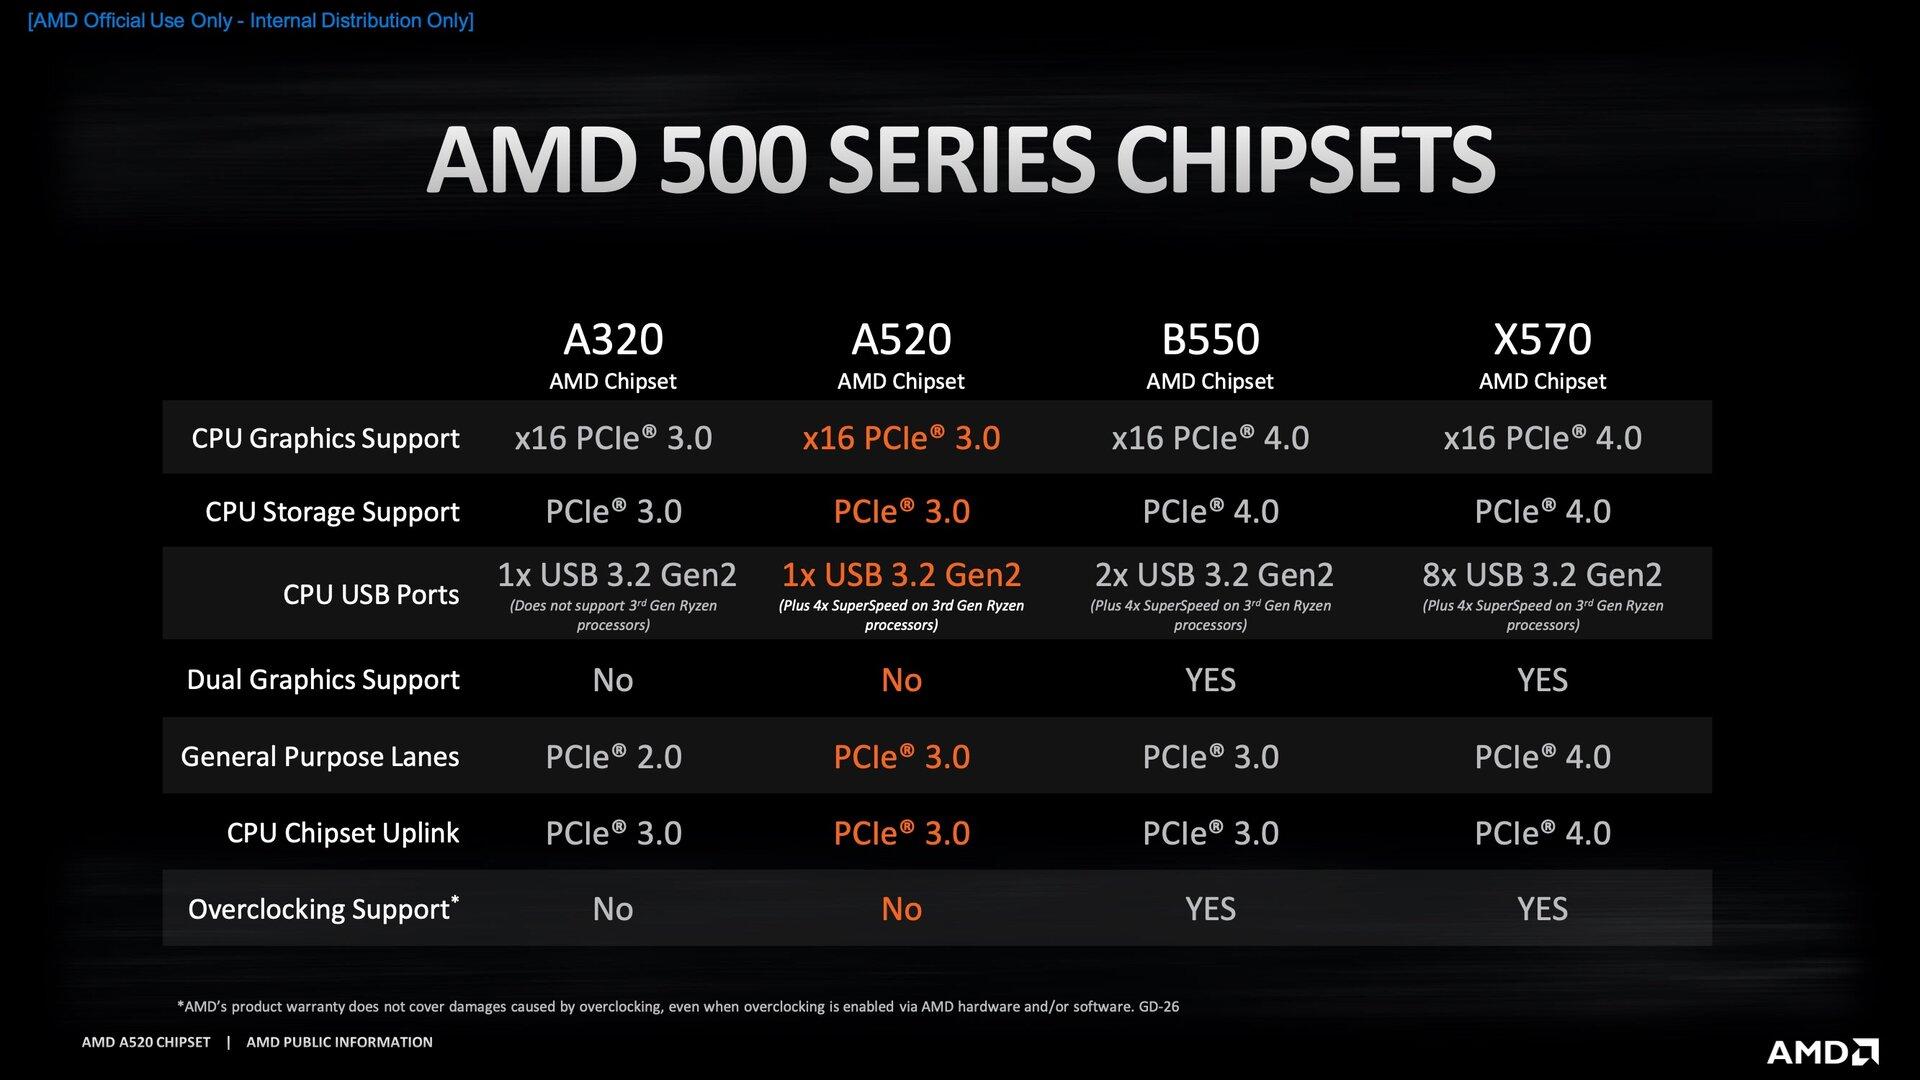 20200818_AMD_A520_Chipset_Comparison_